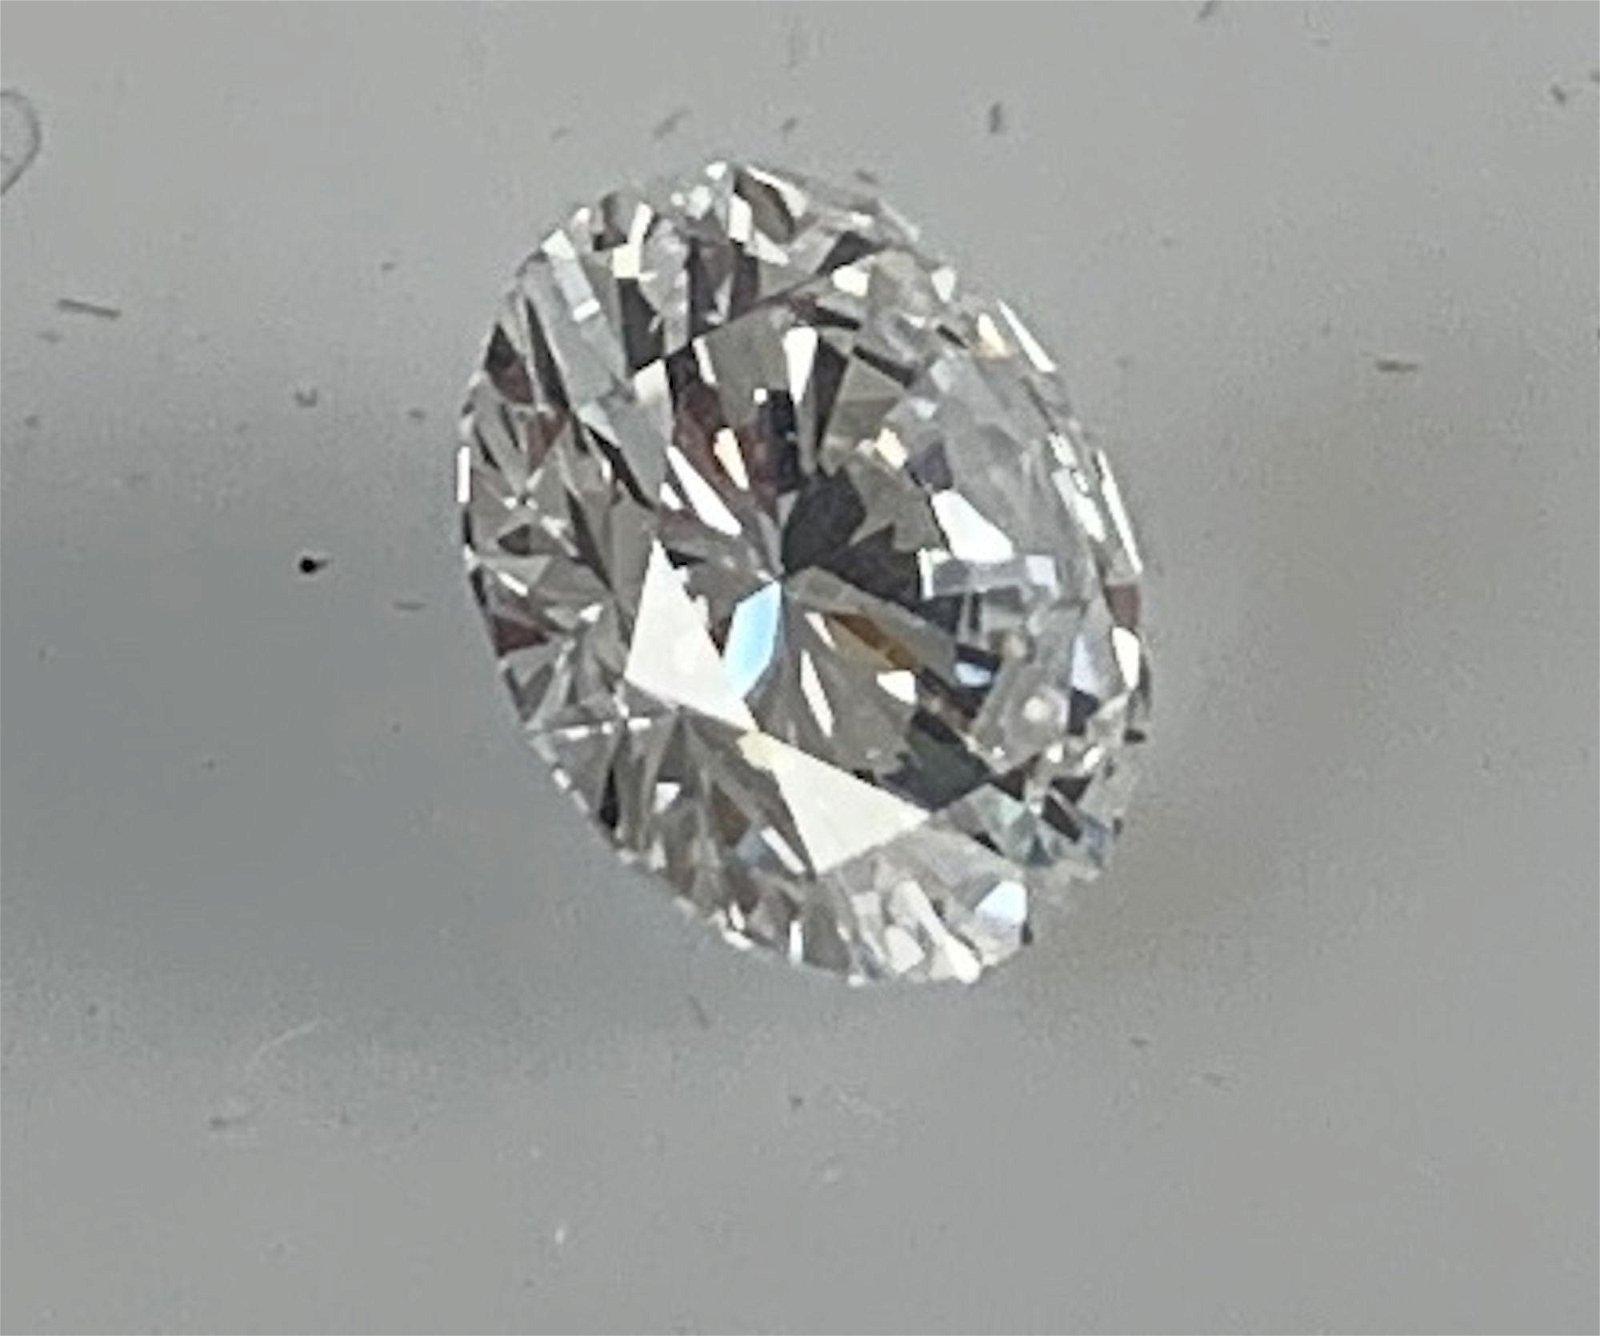 LOOSE DIAMOND ~ BRILLIANT ROUND DIAMOND MEASURING 1